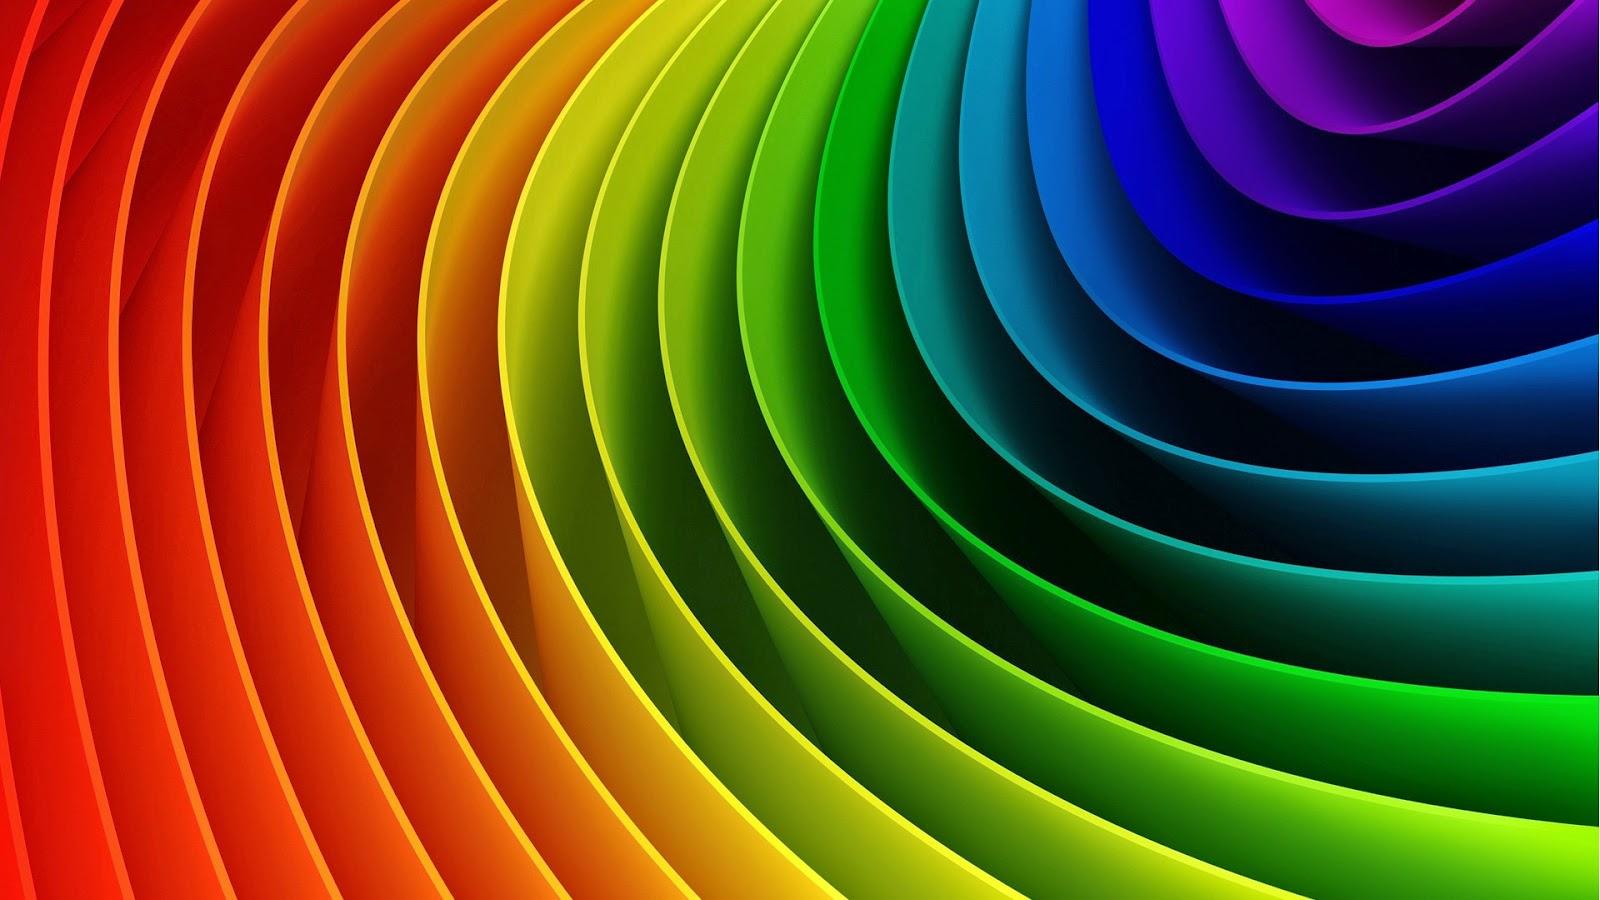 fungsi manfaat tujuan jenis macam warna arti makna filosofi pengetian definisi kehidupan sehari-hari color wheel psikologi